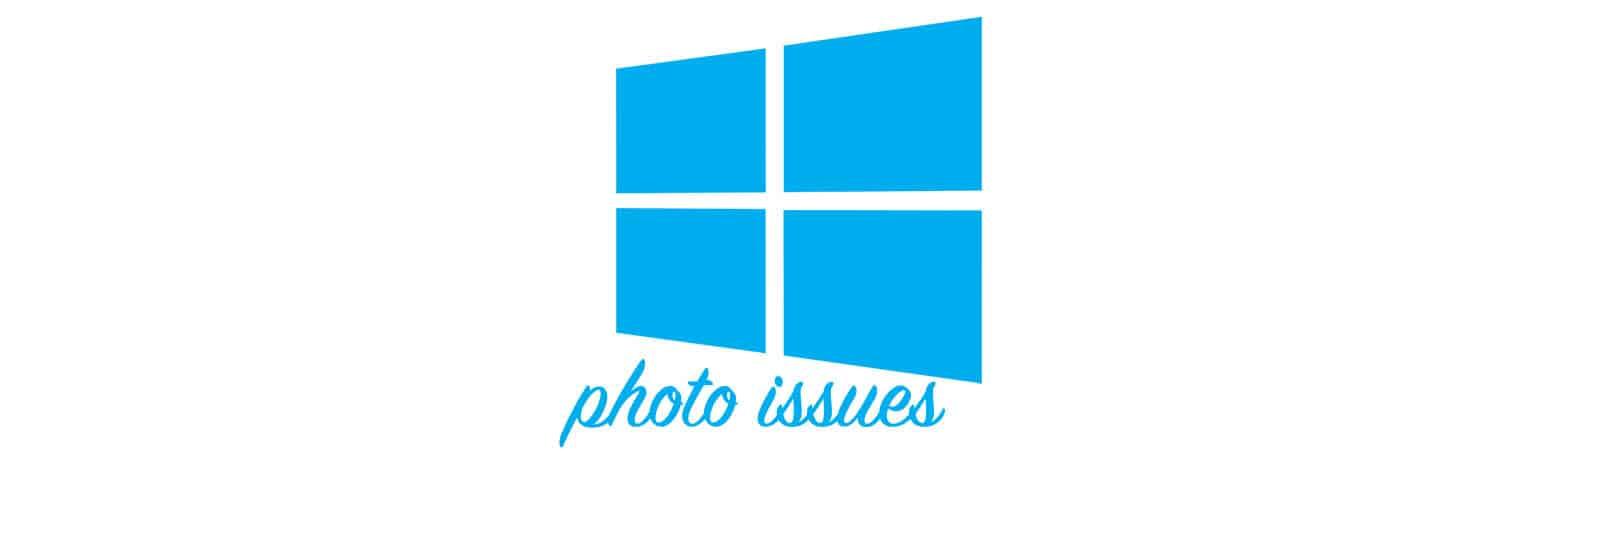 windows-10-photos